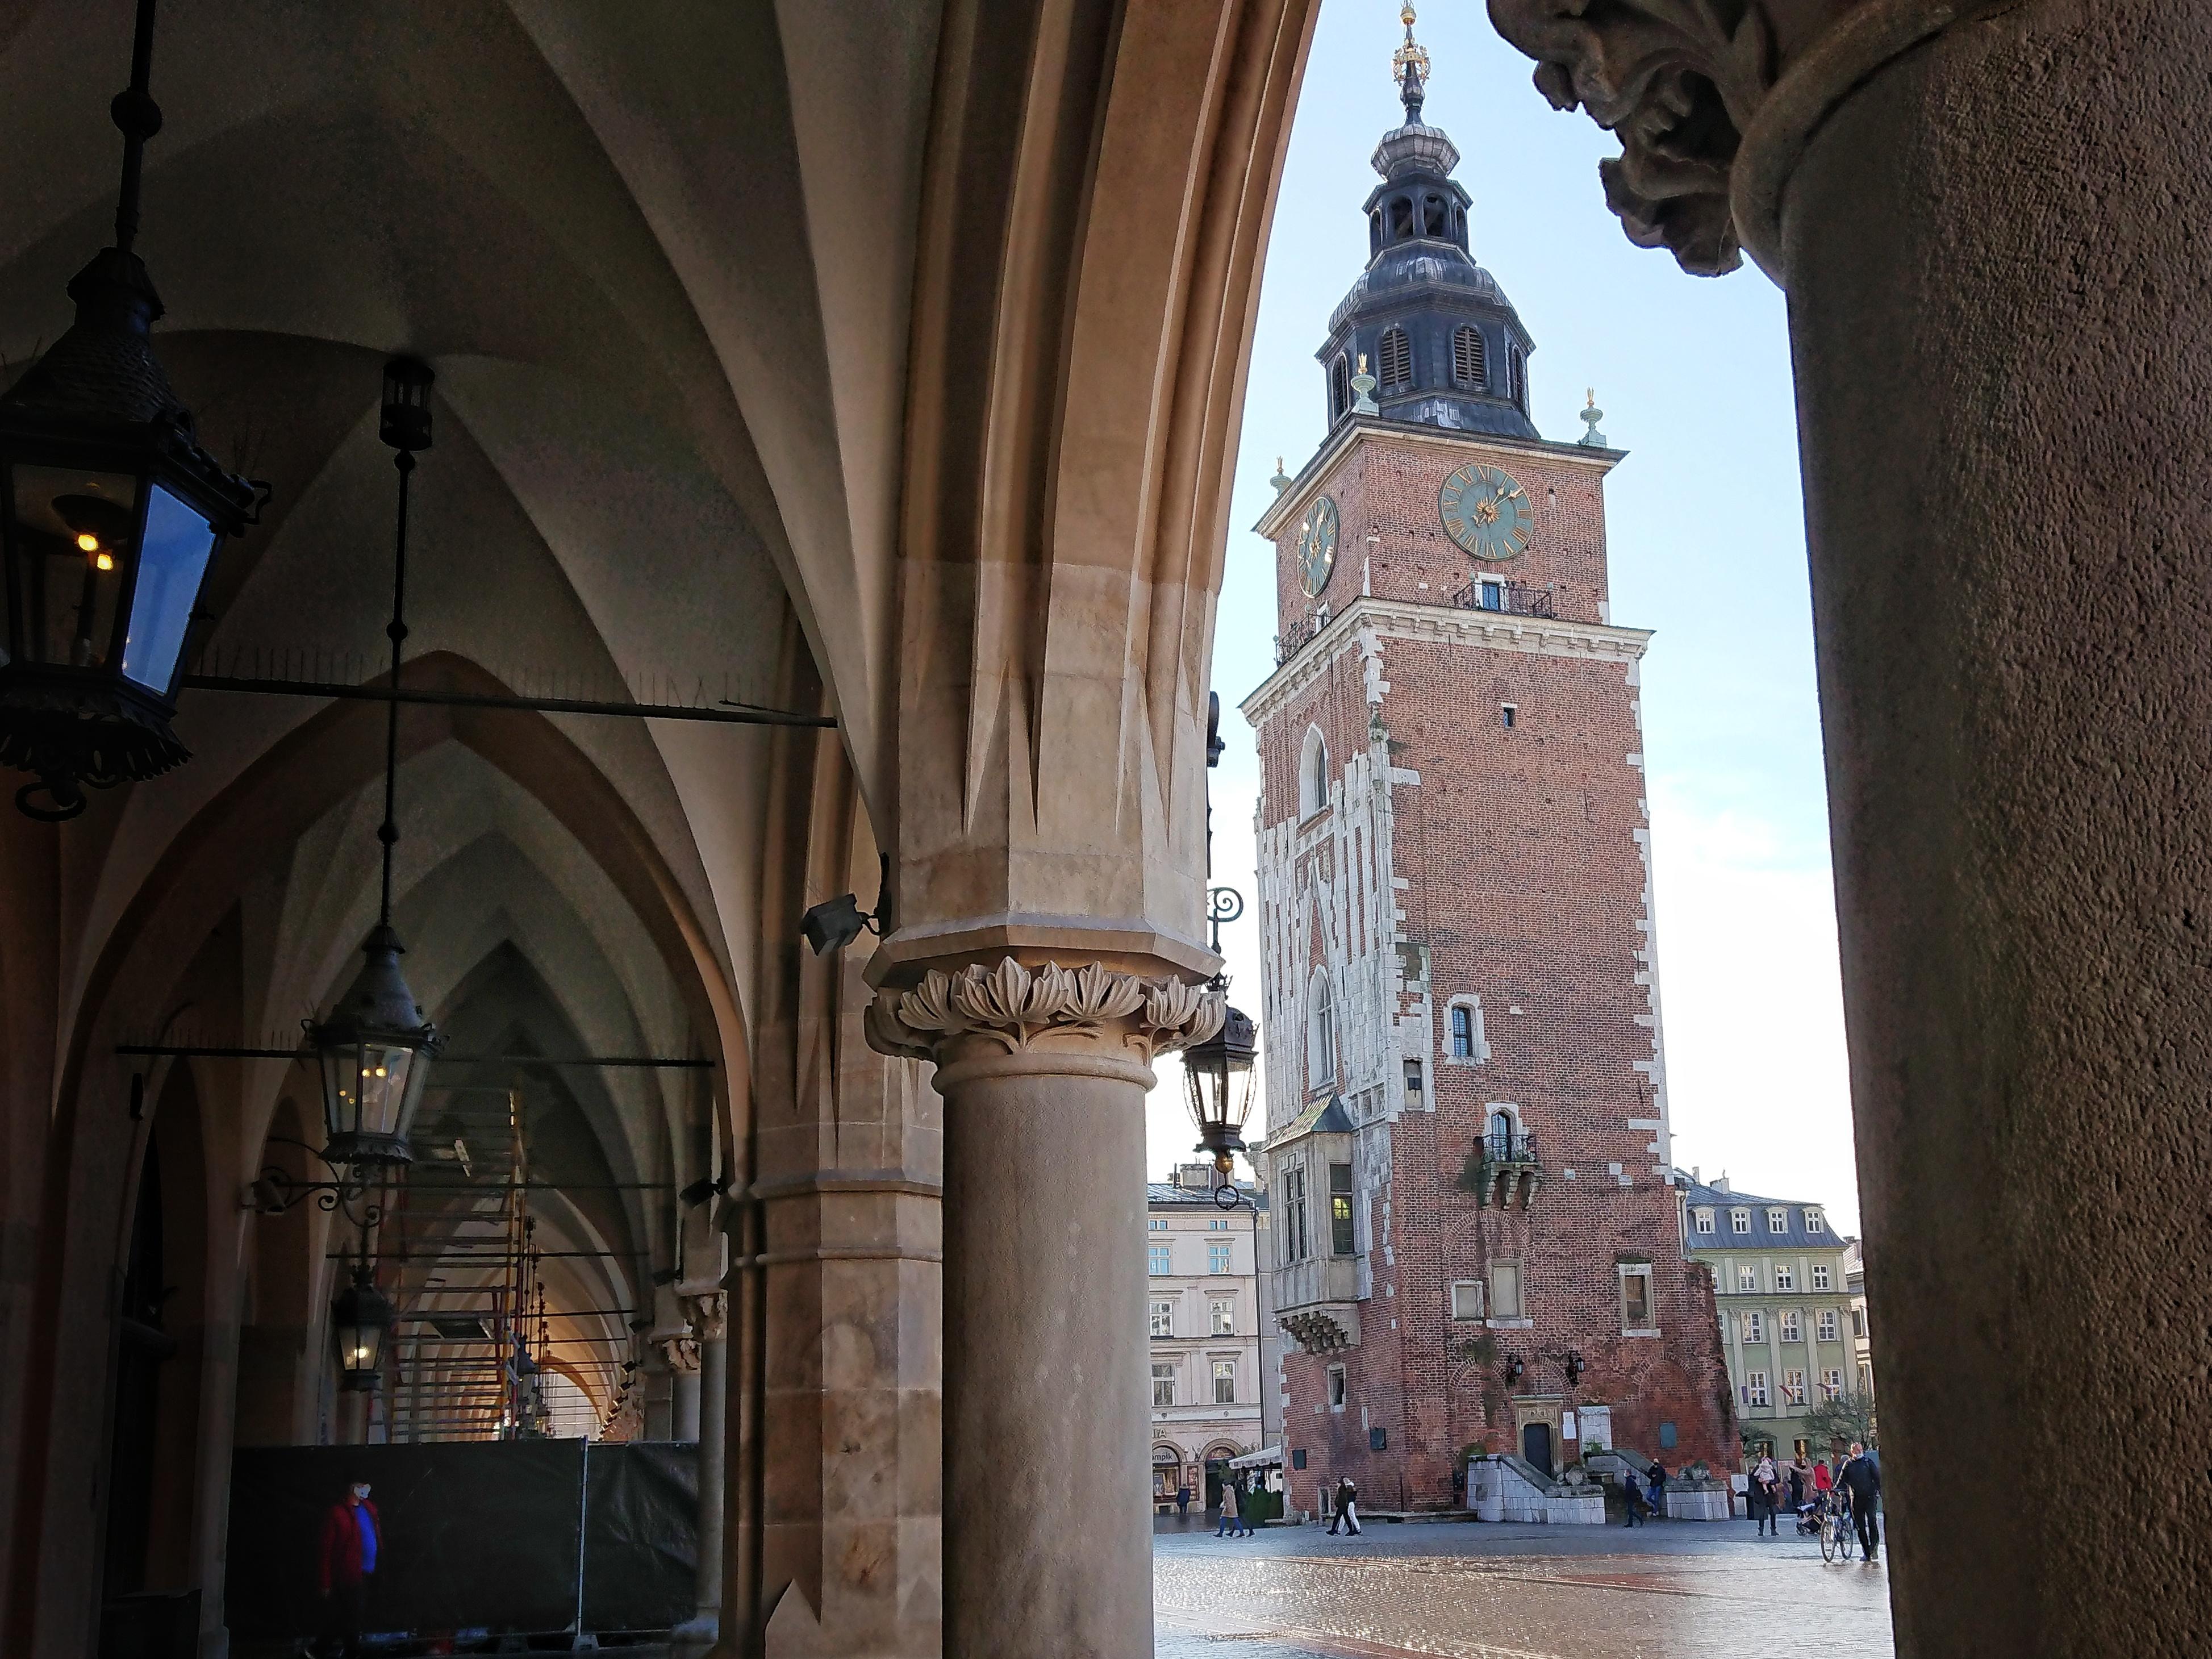 Wieża Ratuszowa na Rynku w Krakowie, źródło: archiwum autorki